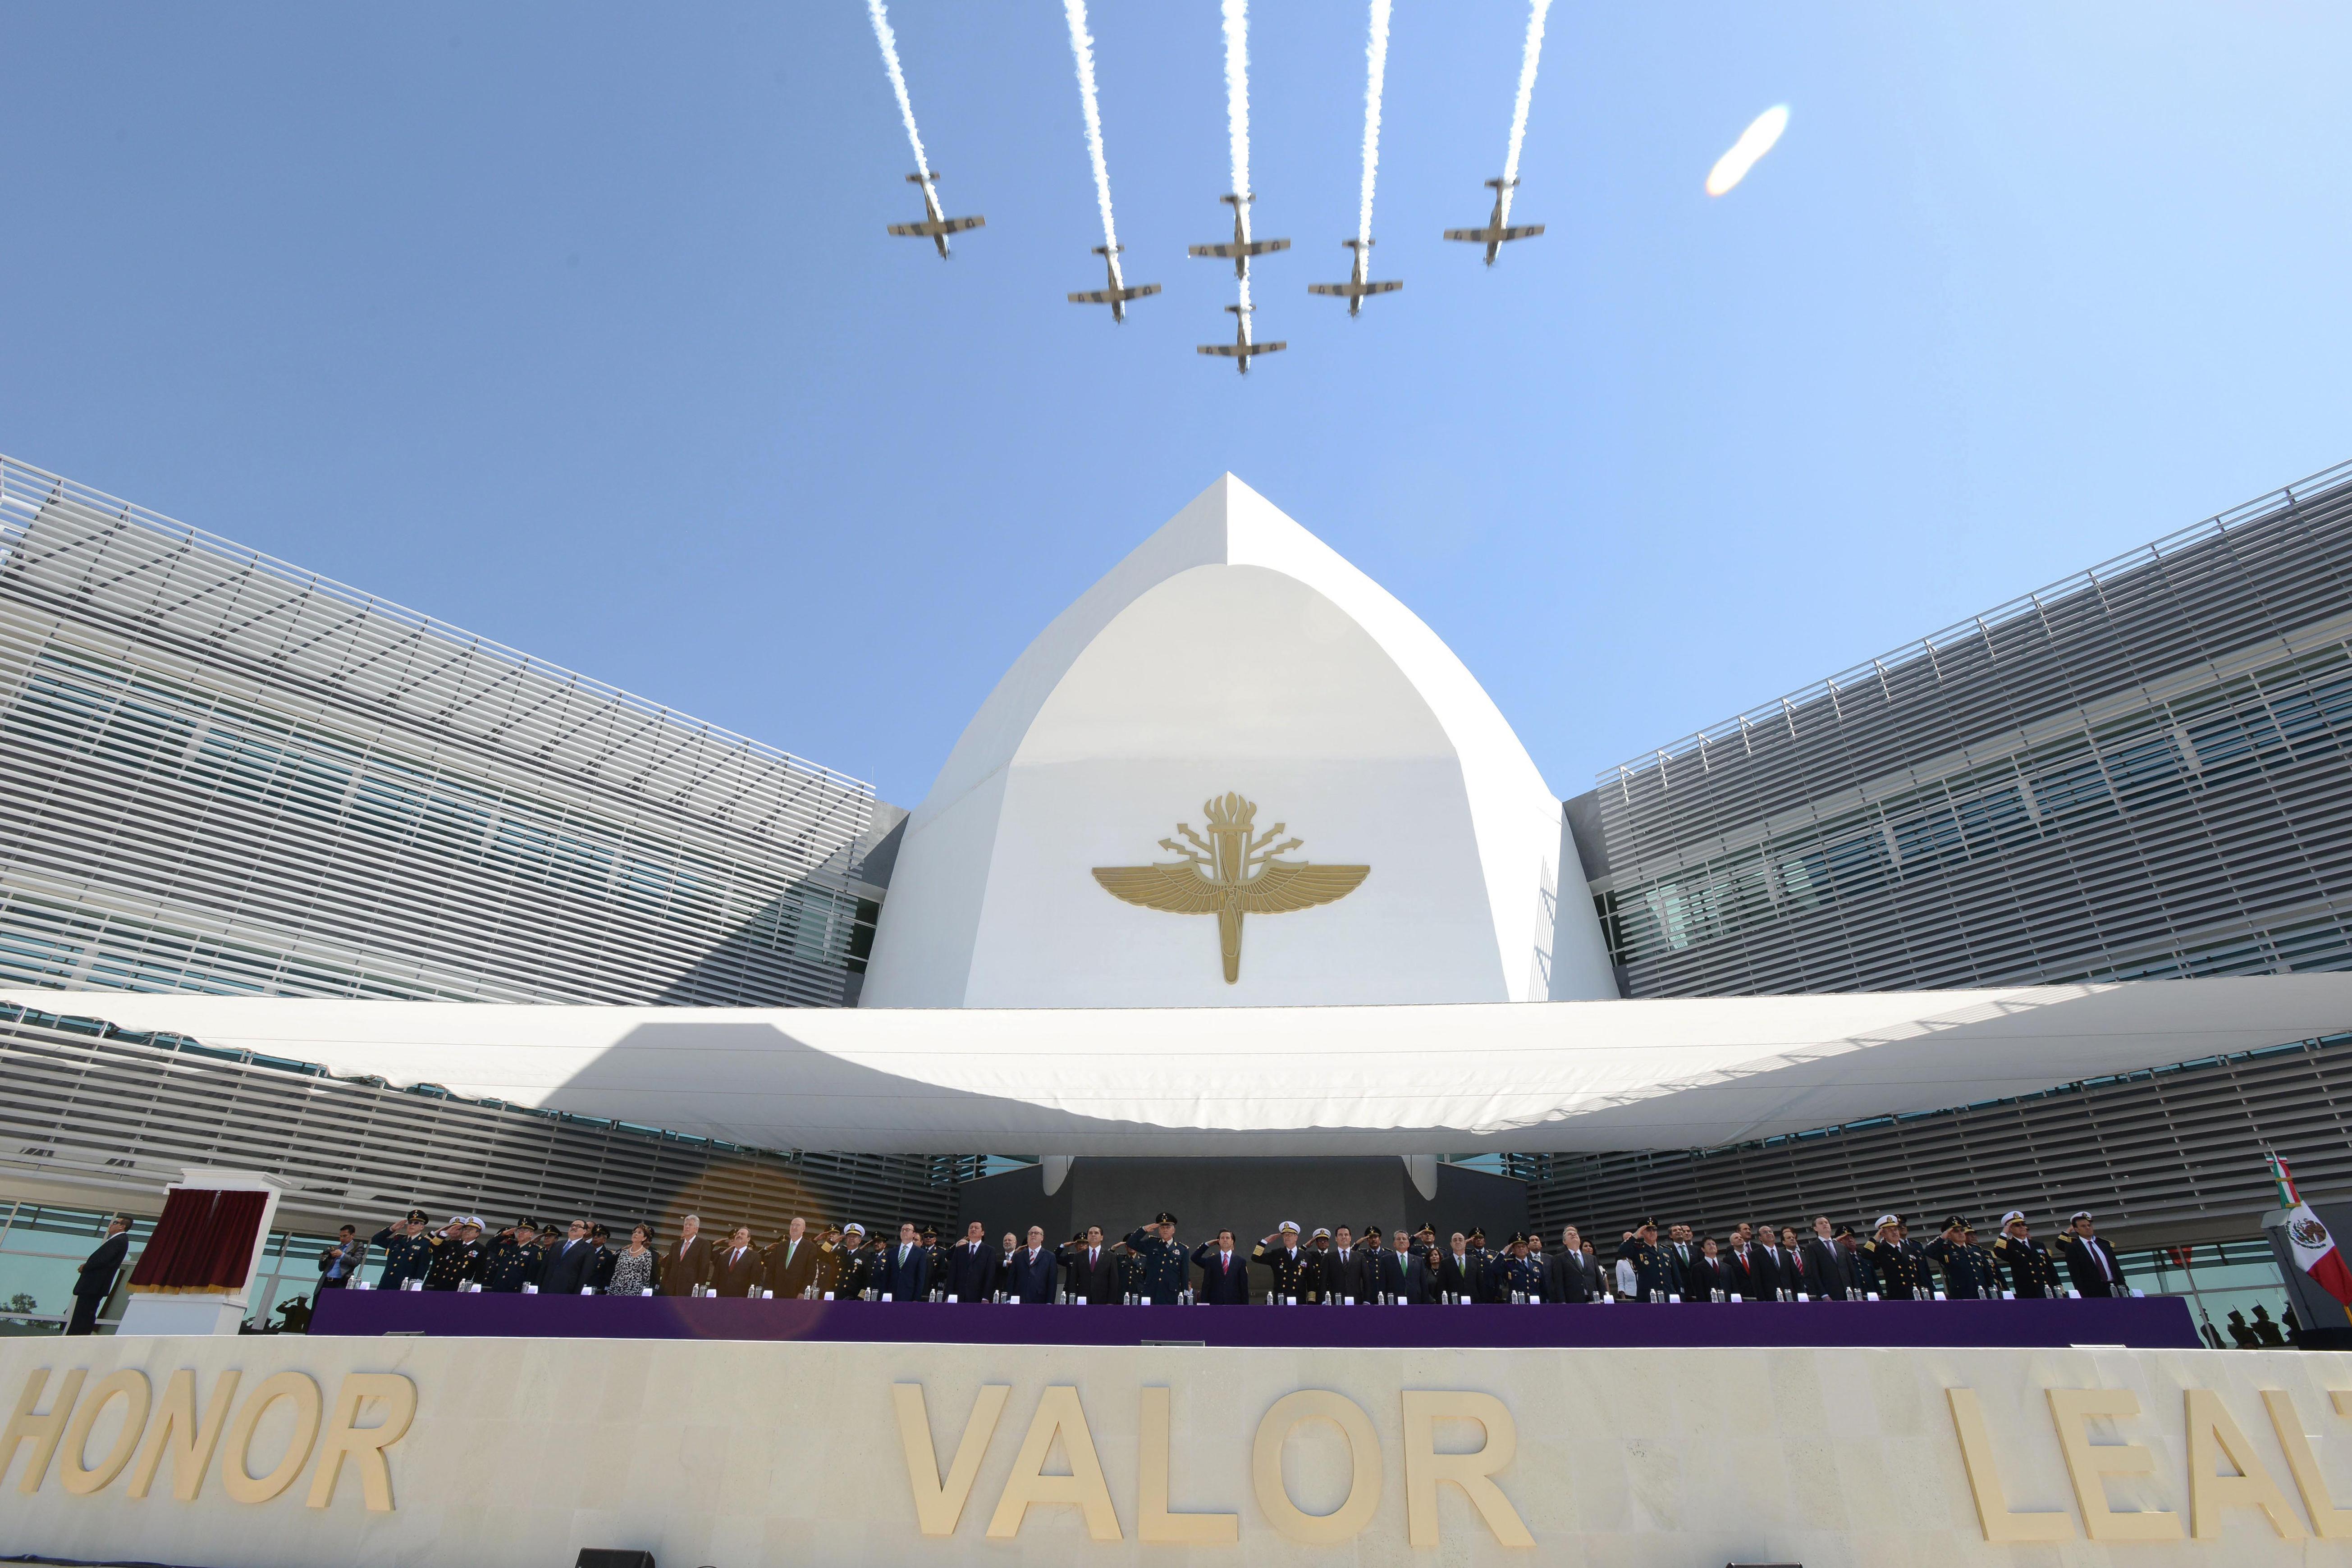 En la foto, el Primer Mandatario encabezó la Conmemoración del Centenario de la Creación de la Fuerza Aérea Mexicana. El titular de la SEDATU, Jorge Carlos Ramírez Marín estuvo presente.